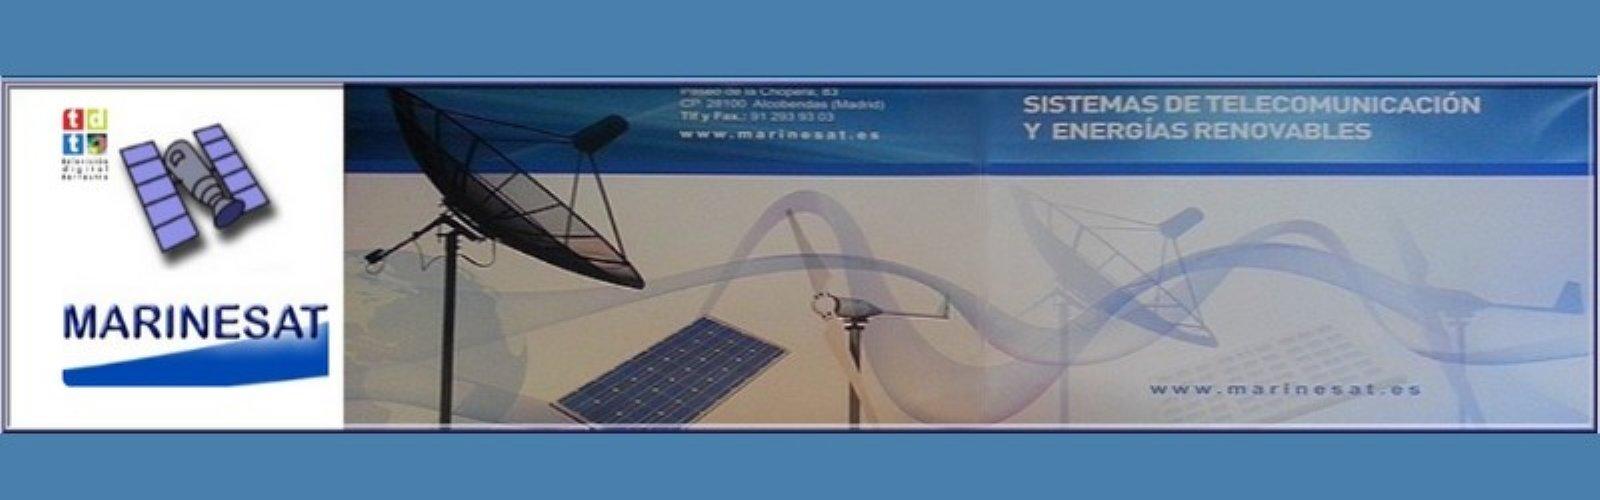 Marinesat – Instalador de antenas, antenas alcobendas